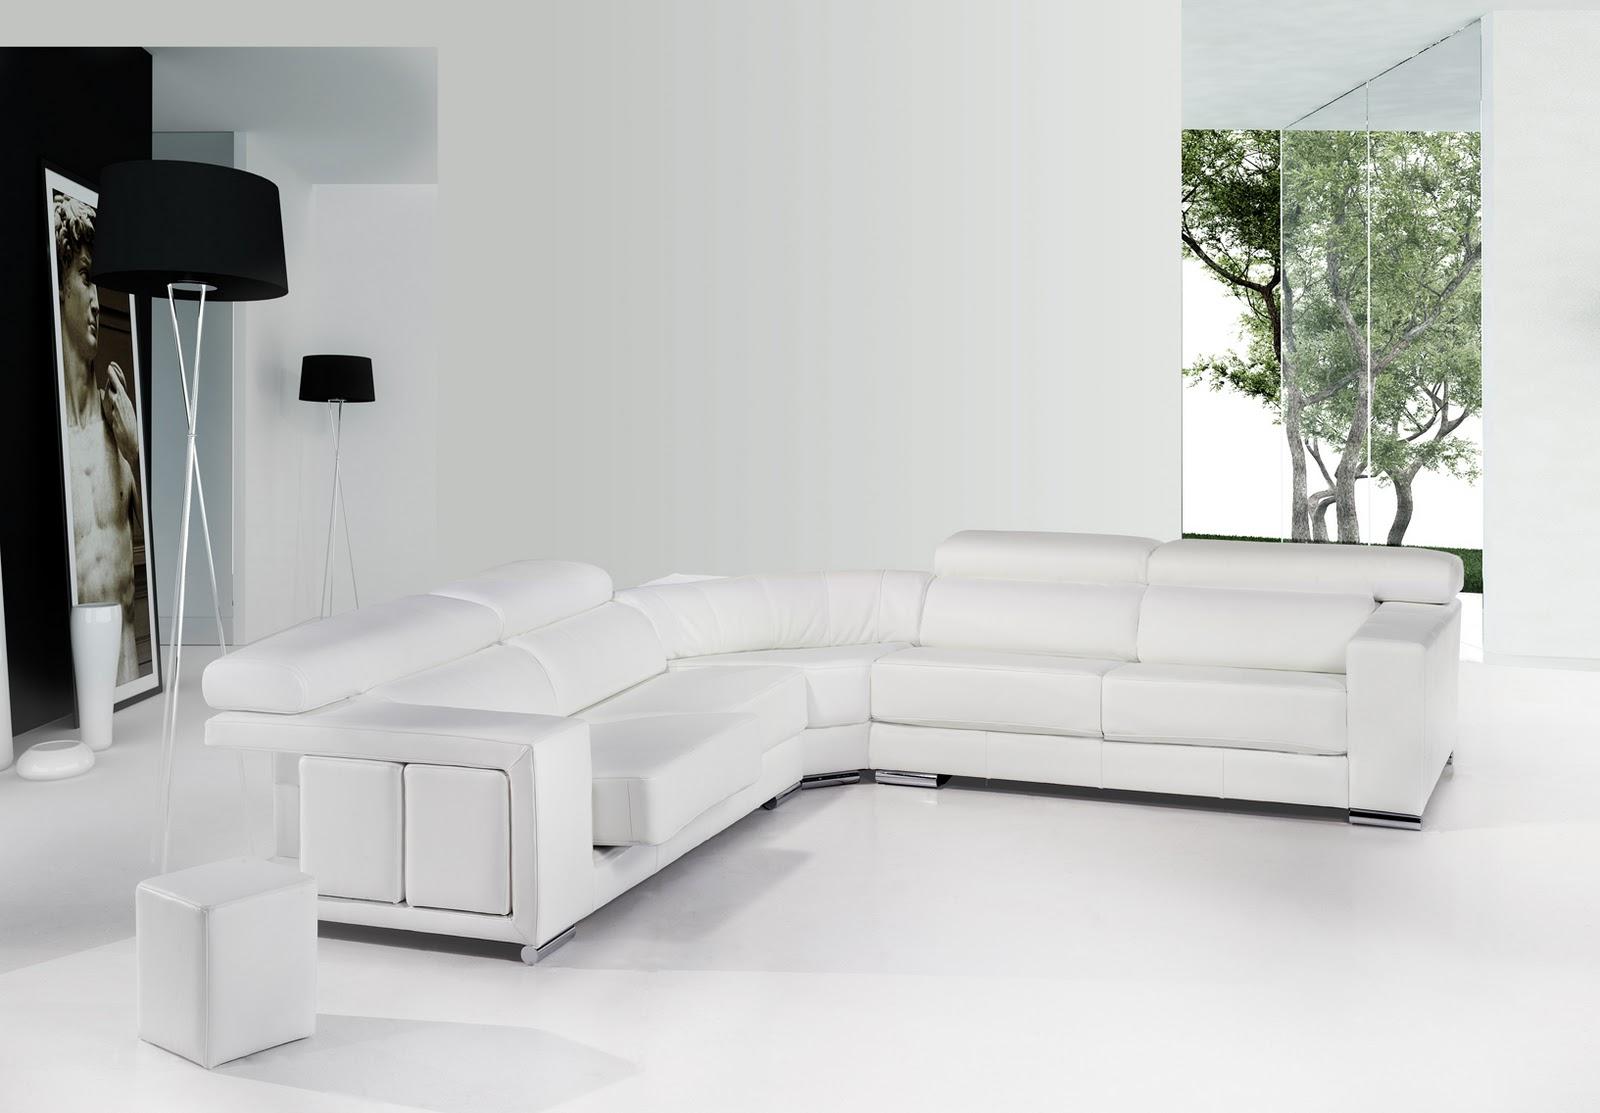 Tienda muebles modernos muebles de salon modernos salones de dise o madrid noviembre 2010 - Sofas fuenlabrada ...